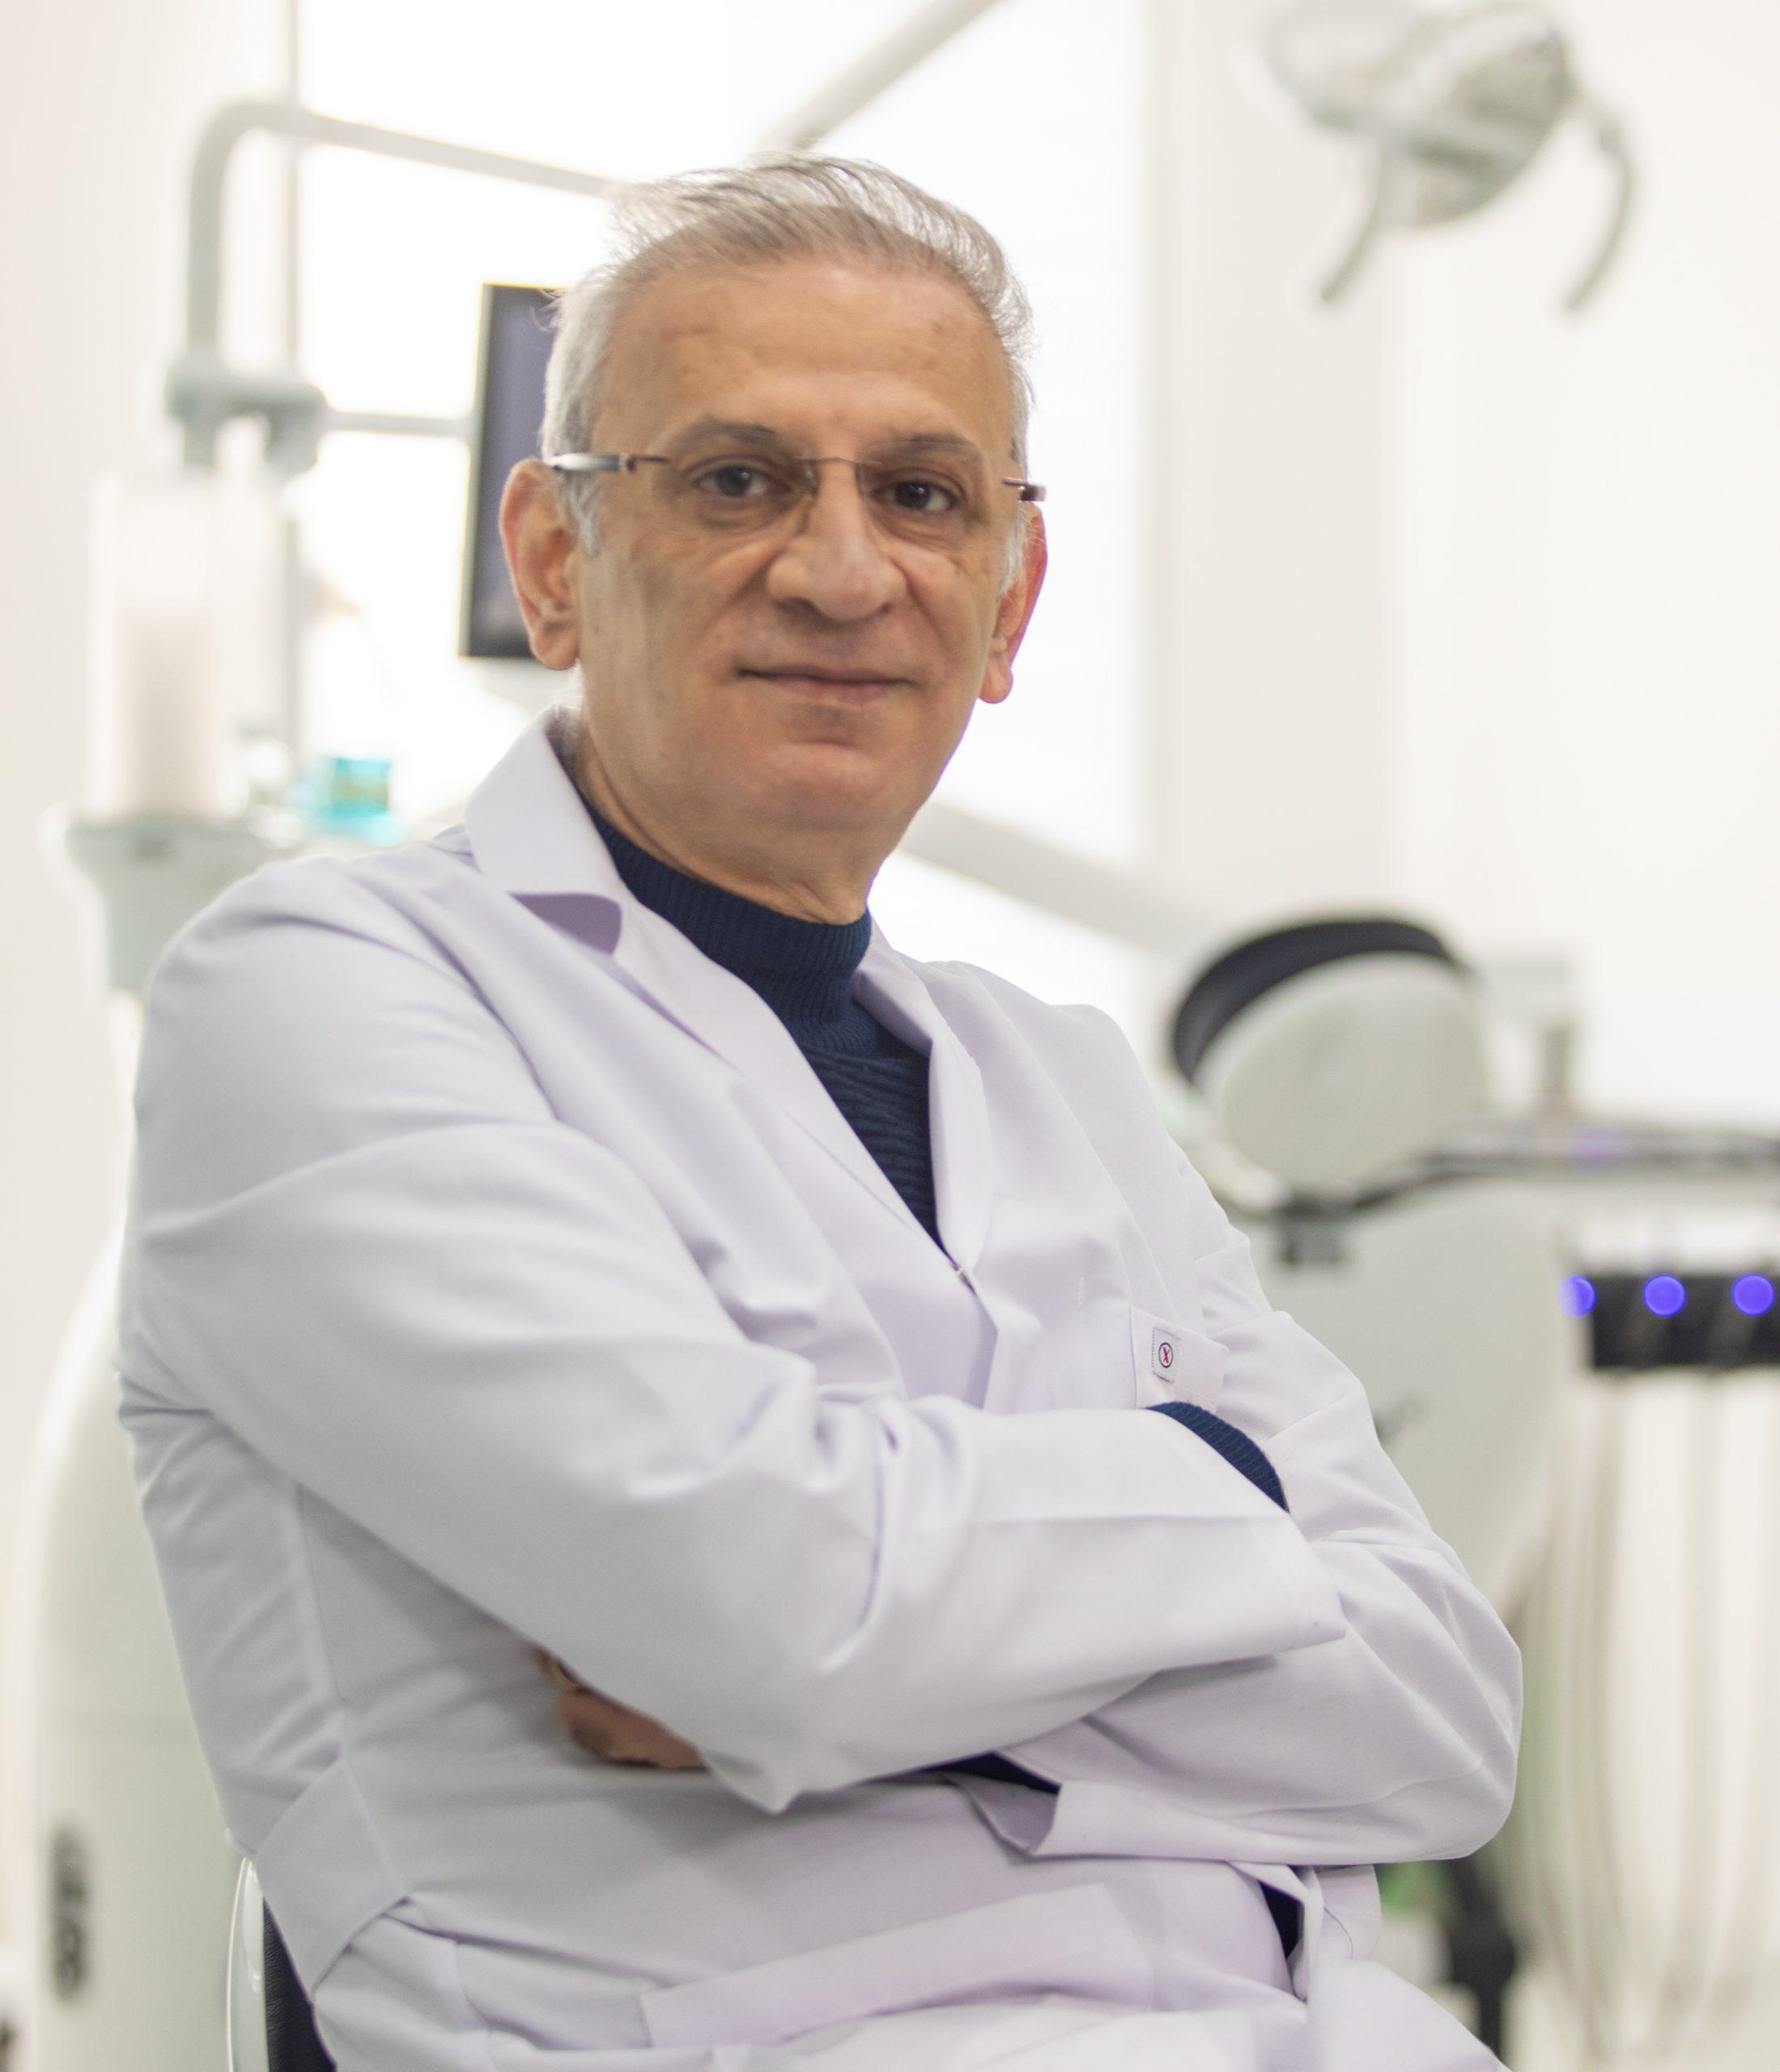 طبيب أسنان عربي في اسطنبول